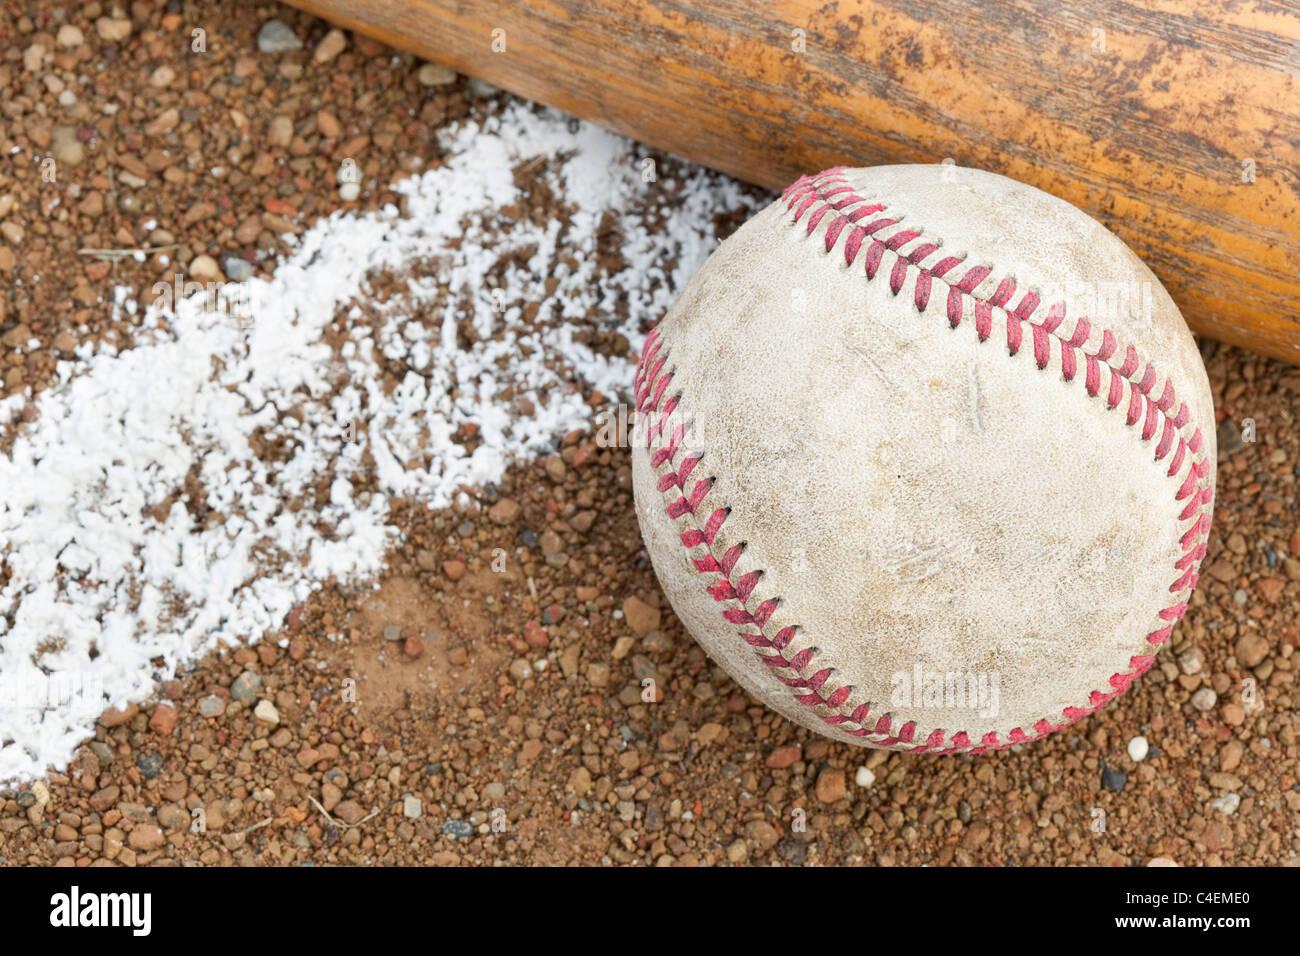 Un vecchio usurato e baseball bat su un campo da baseball Immagini Stock